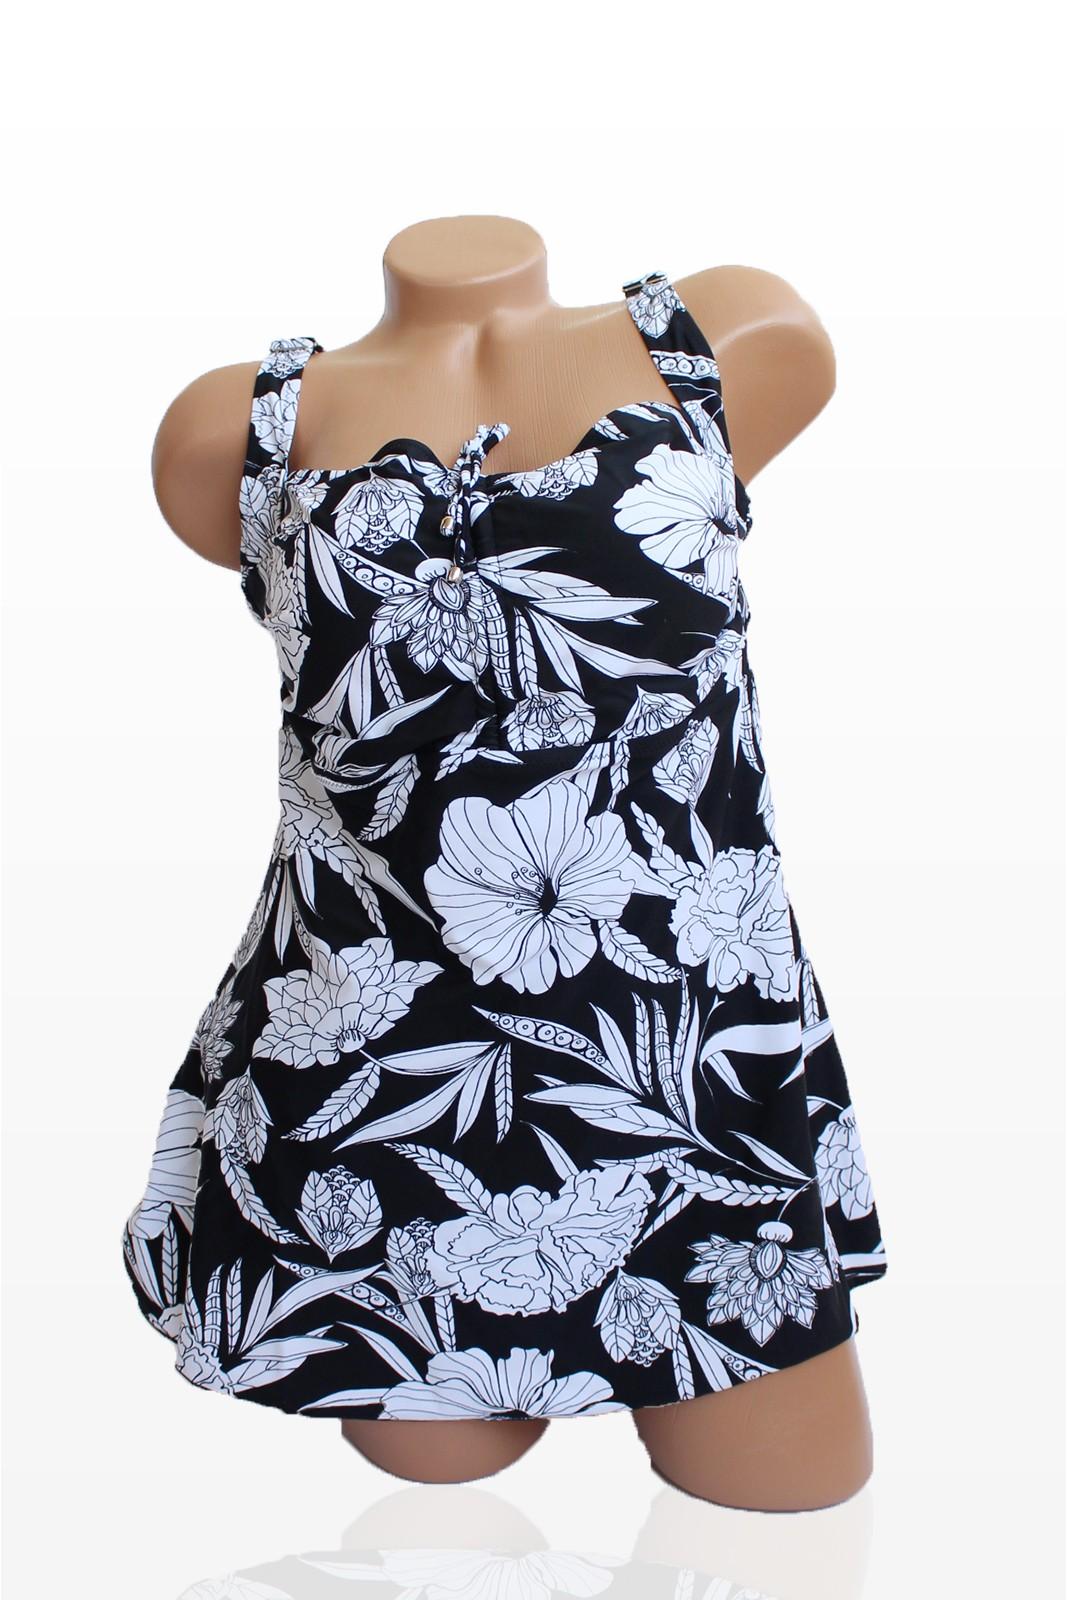 Танкини в черен цвят и бели цветя - чашка D Снимка 4 от 4